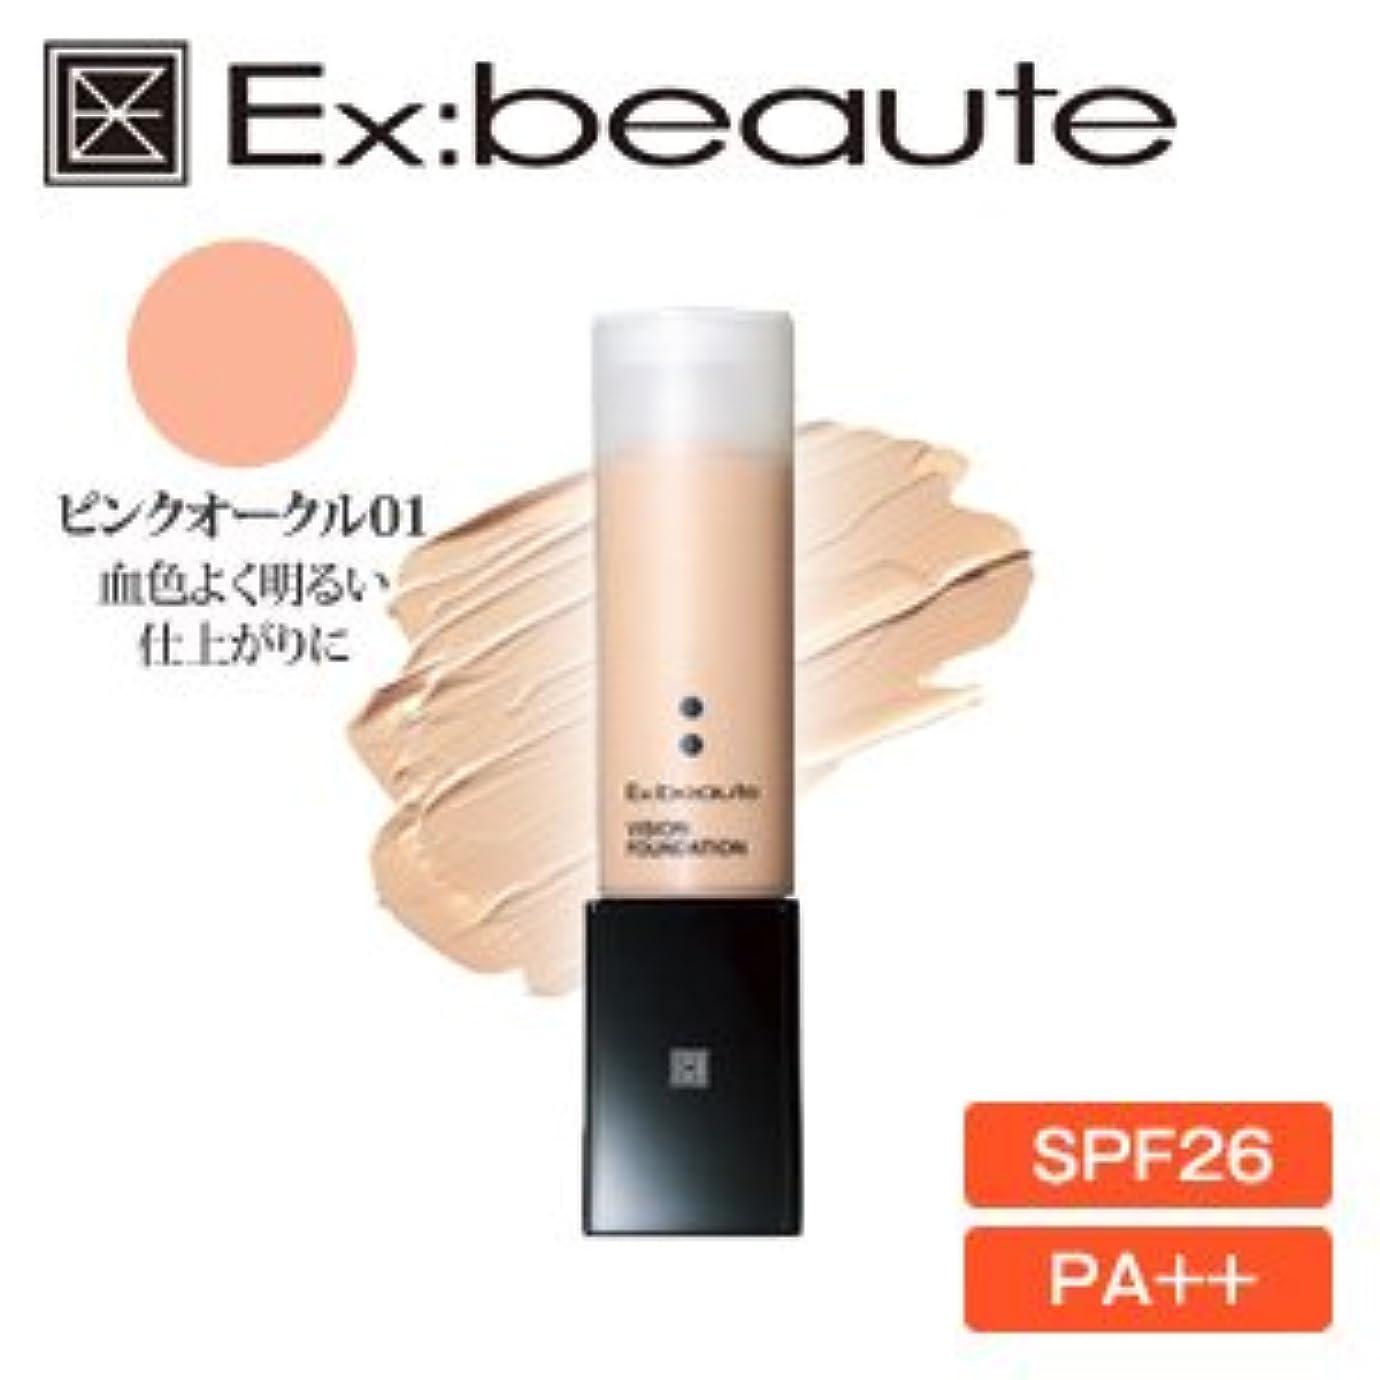 どう?社交的ばかEx:beaute (エクスボーテ) ビジョンファンデーション リキッドマットタイプ ピンクオークル01